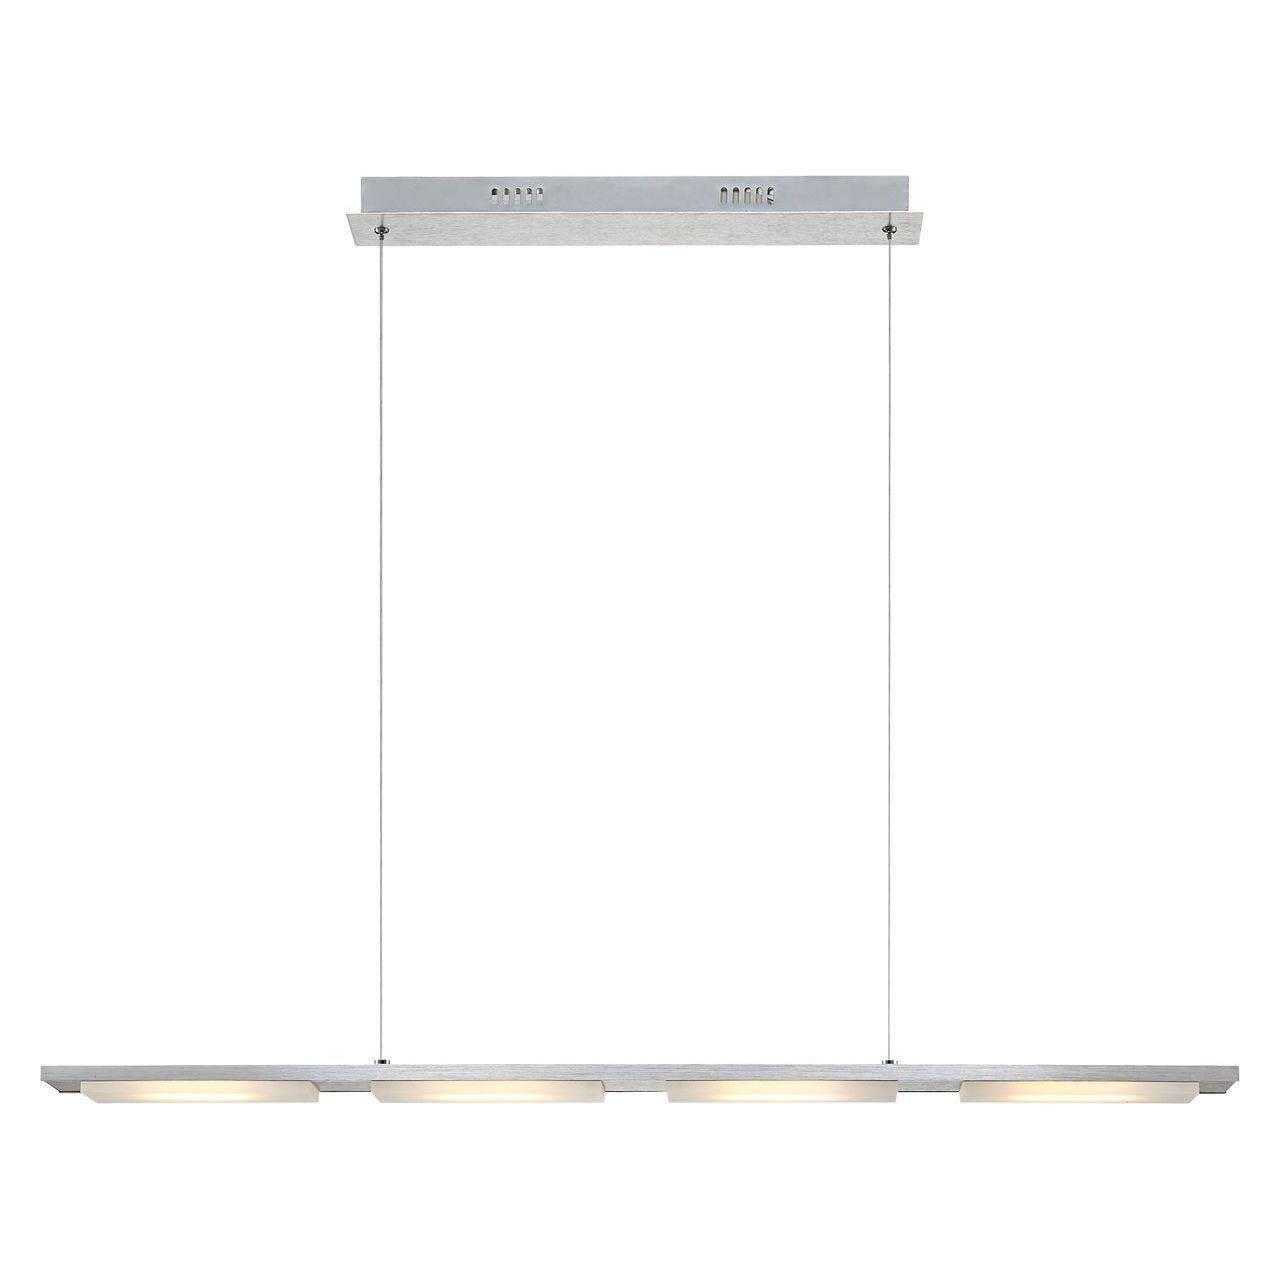 все цены на Подвесной светодиодный светильник Globo Lazio 68089-4H